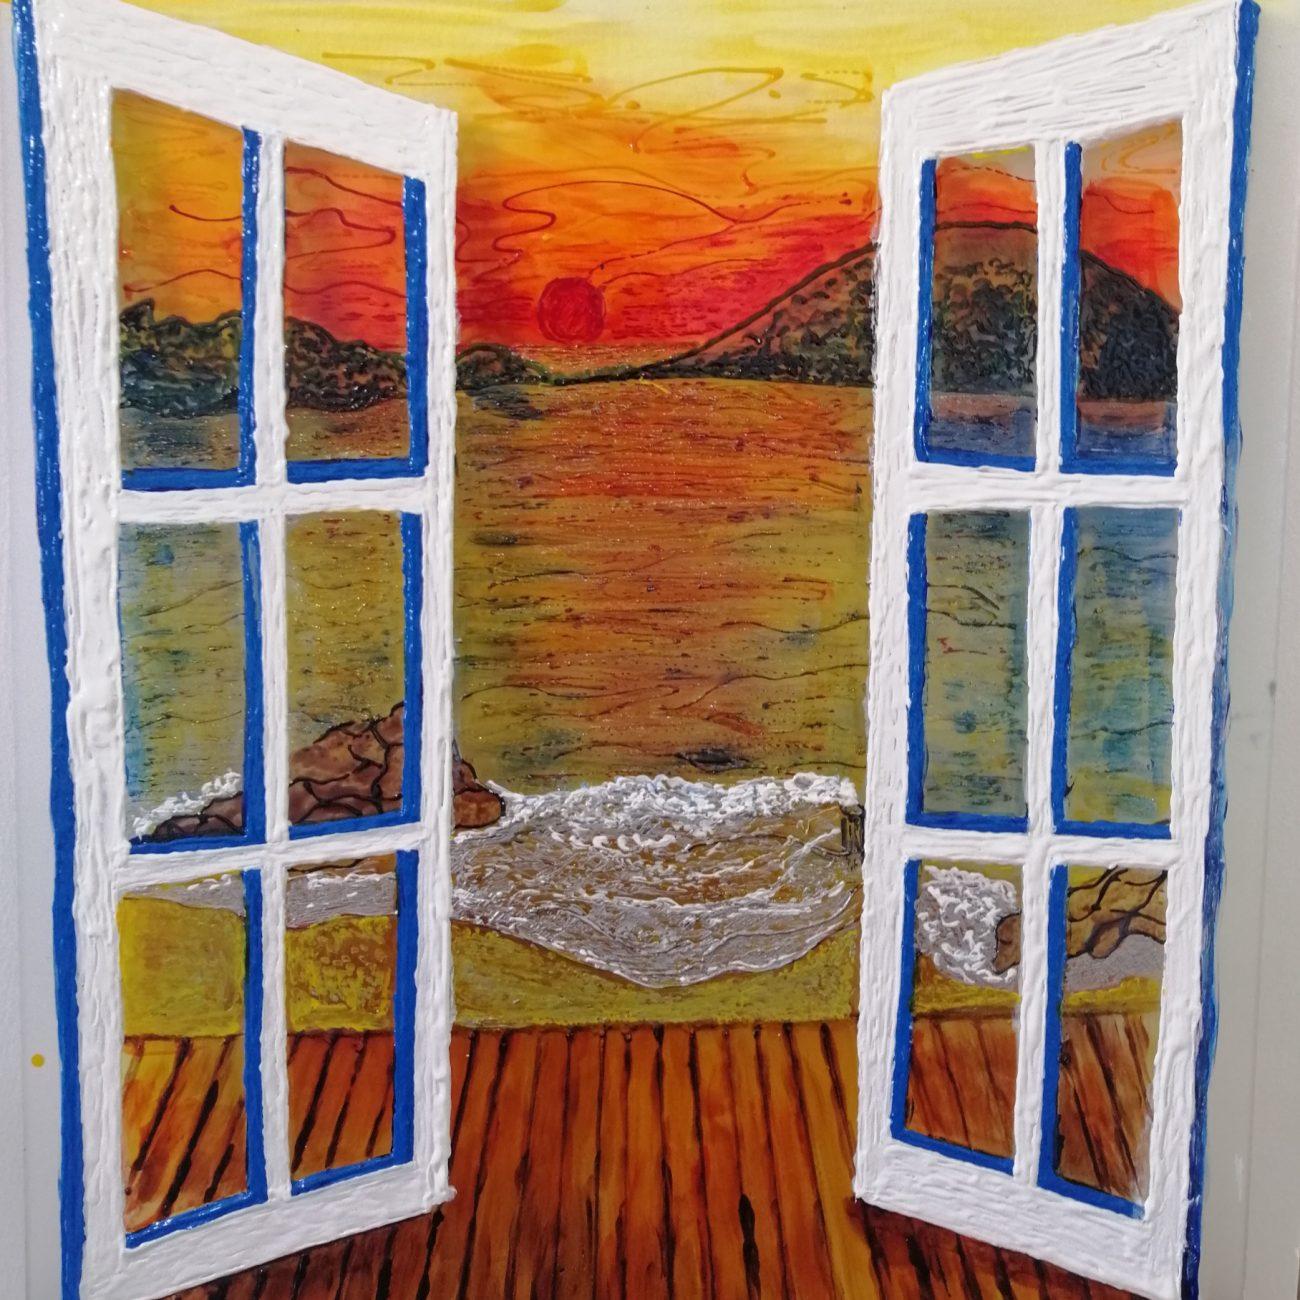 Penceremden Çatal Adası Teknik:Buzlu Cam Üzeri Cam Boyama Ölçü:42 x 52 cm